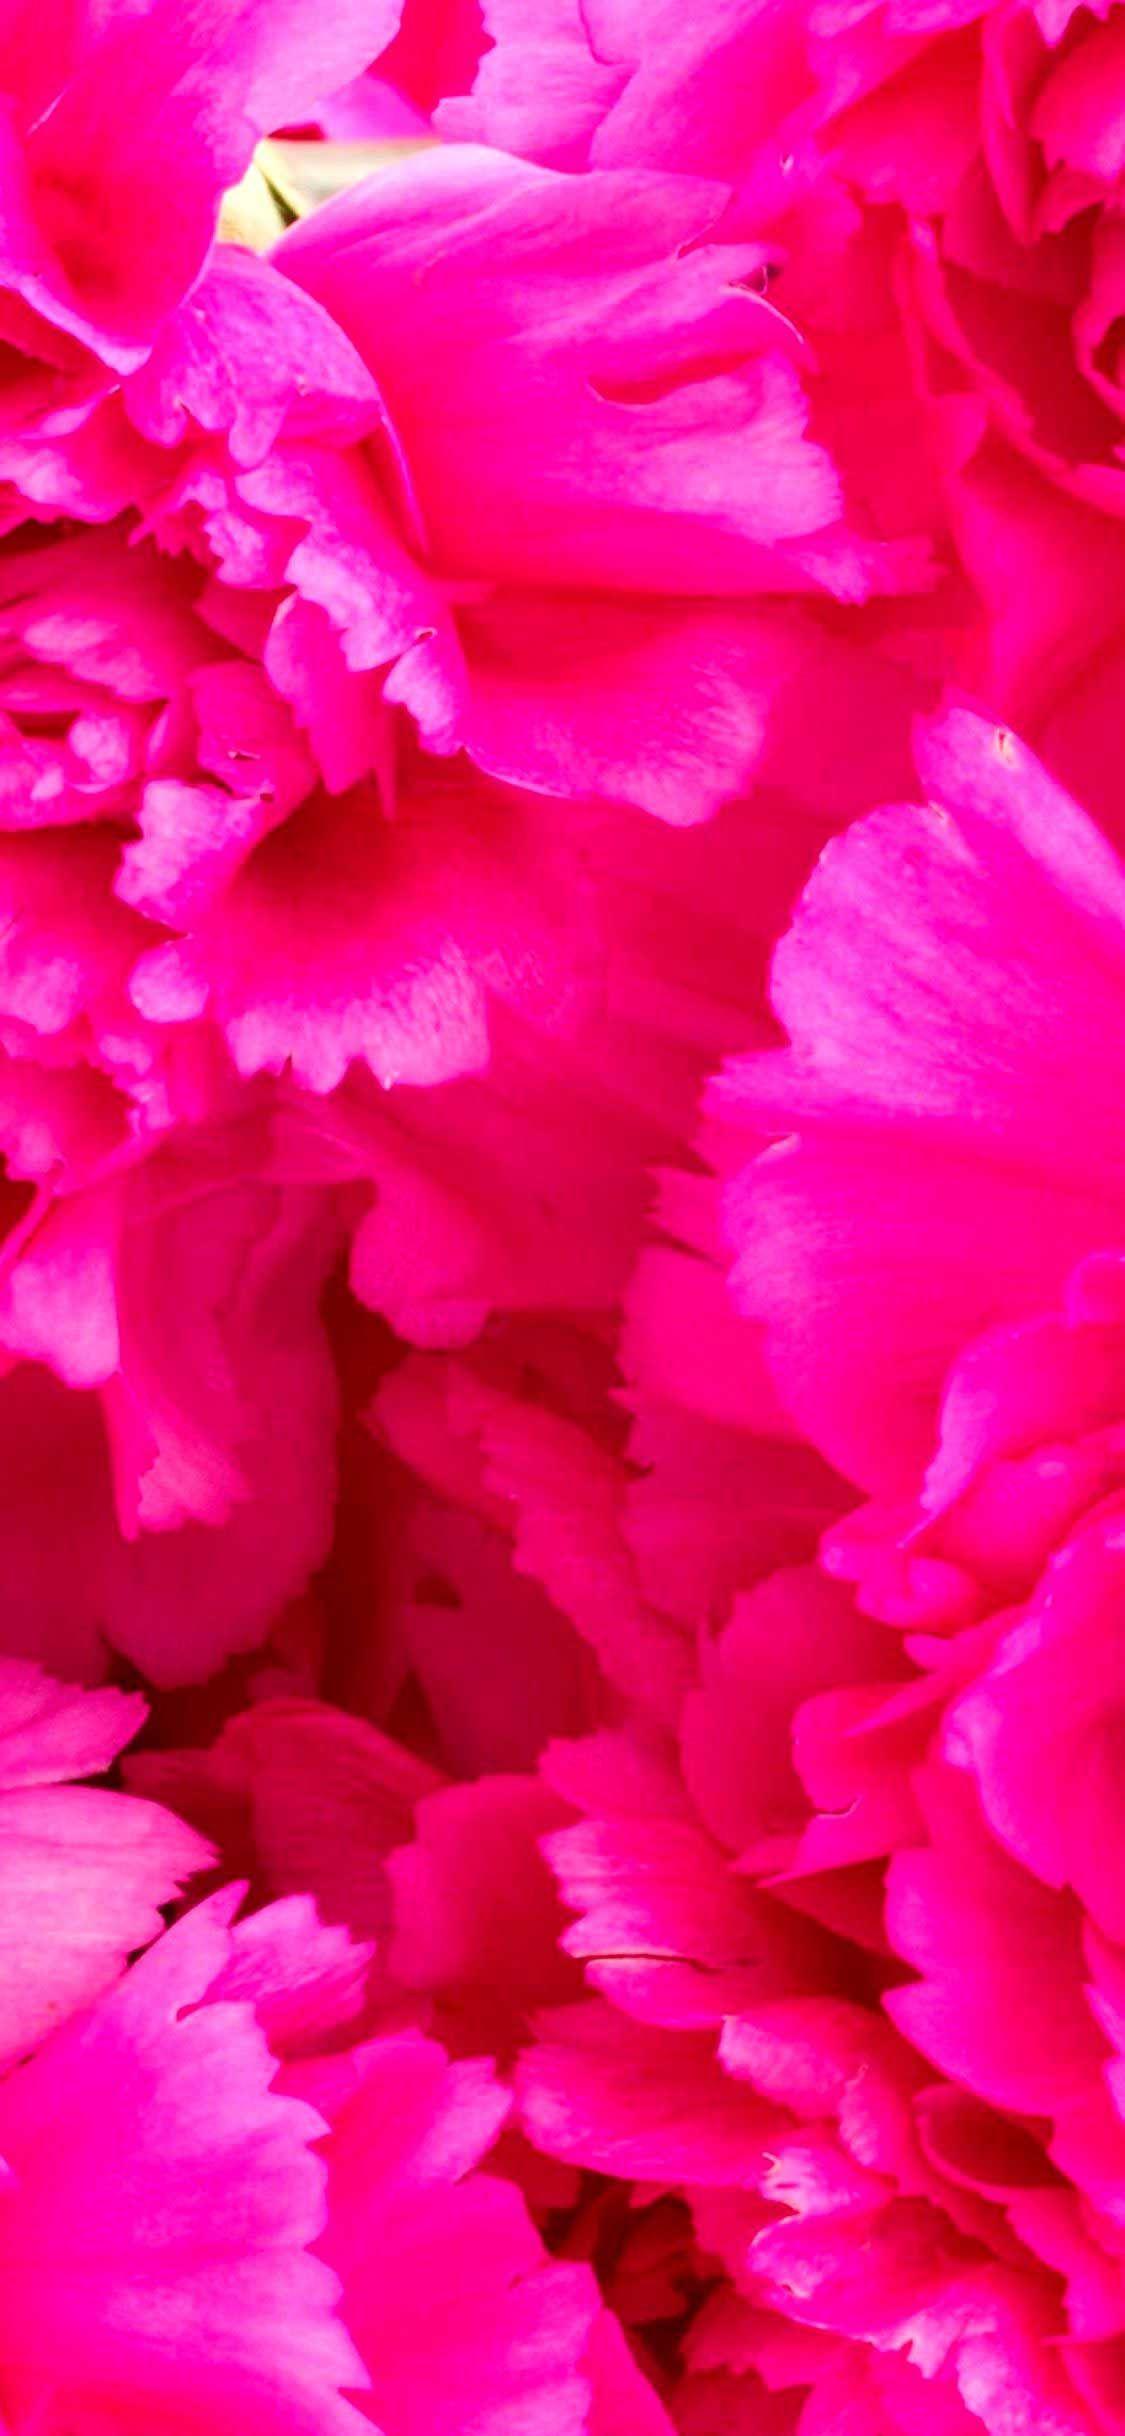 Iphone Wallpaper Carnations flowers k wallpaper Hd in